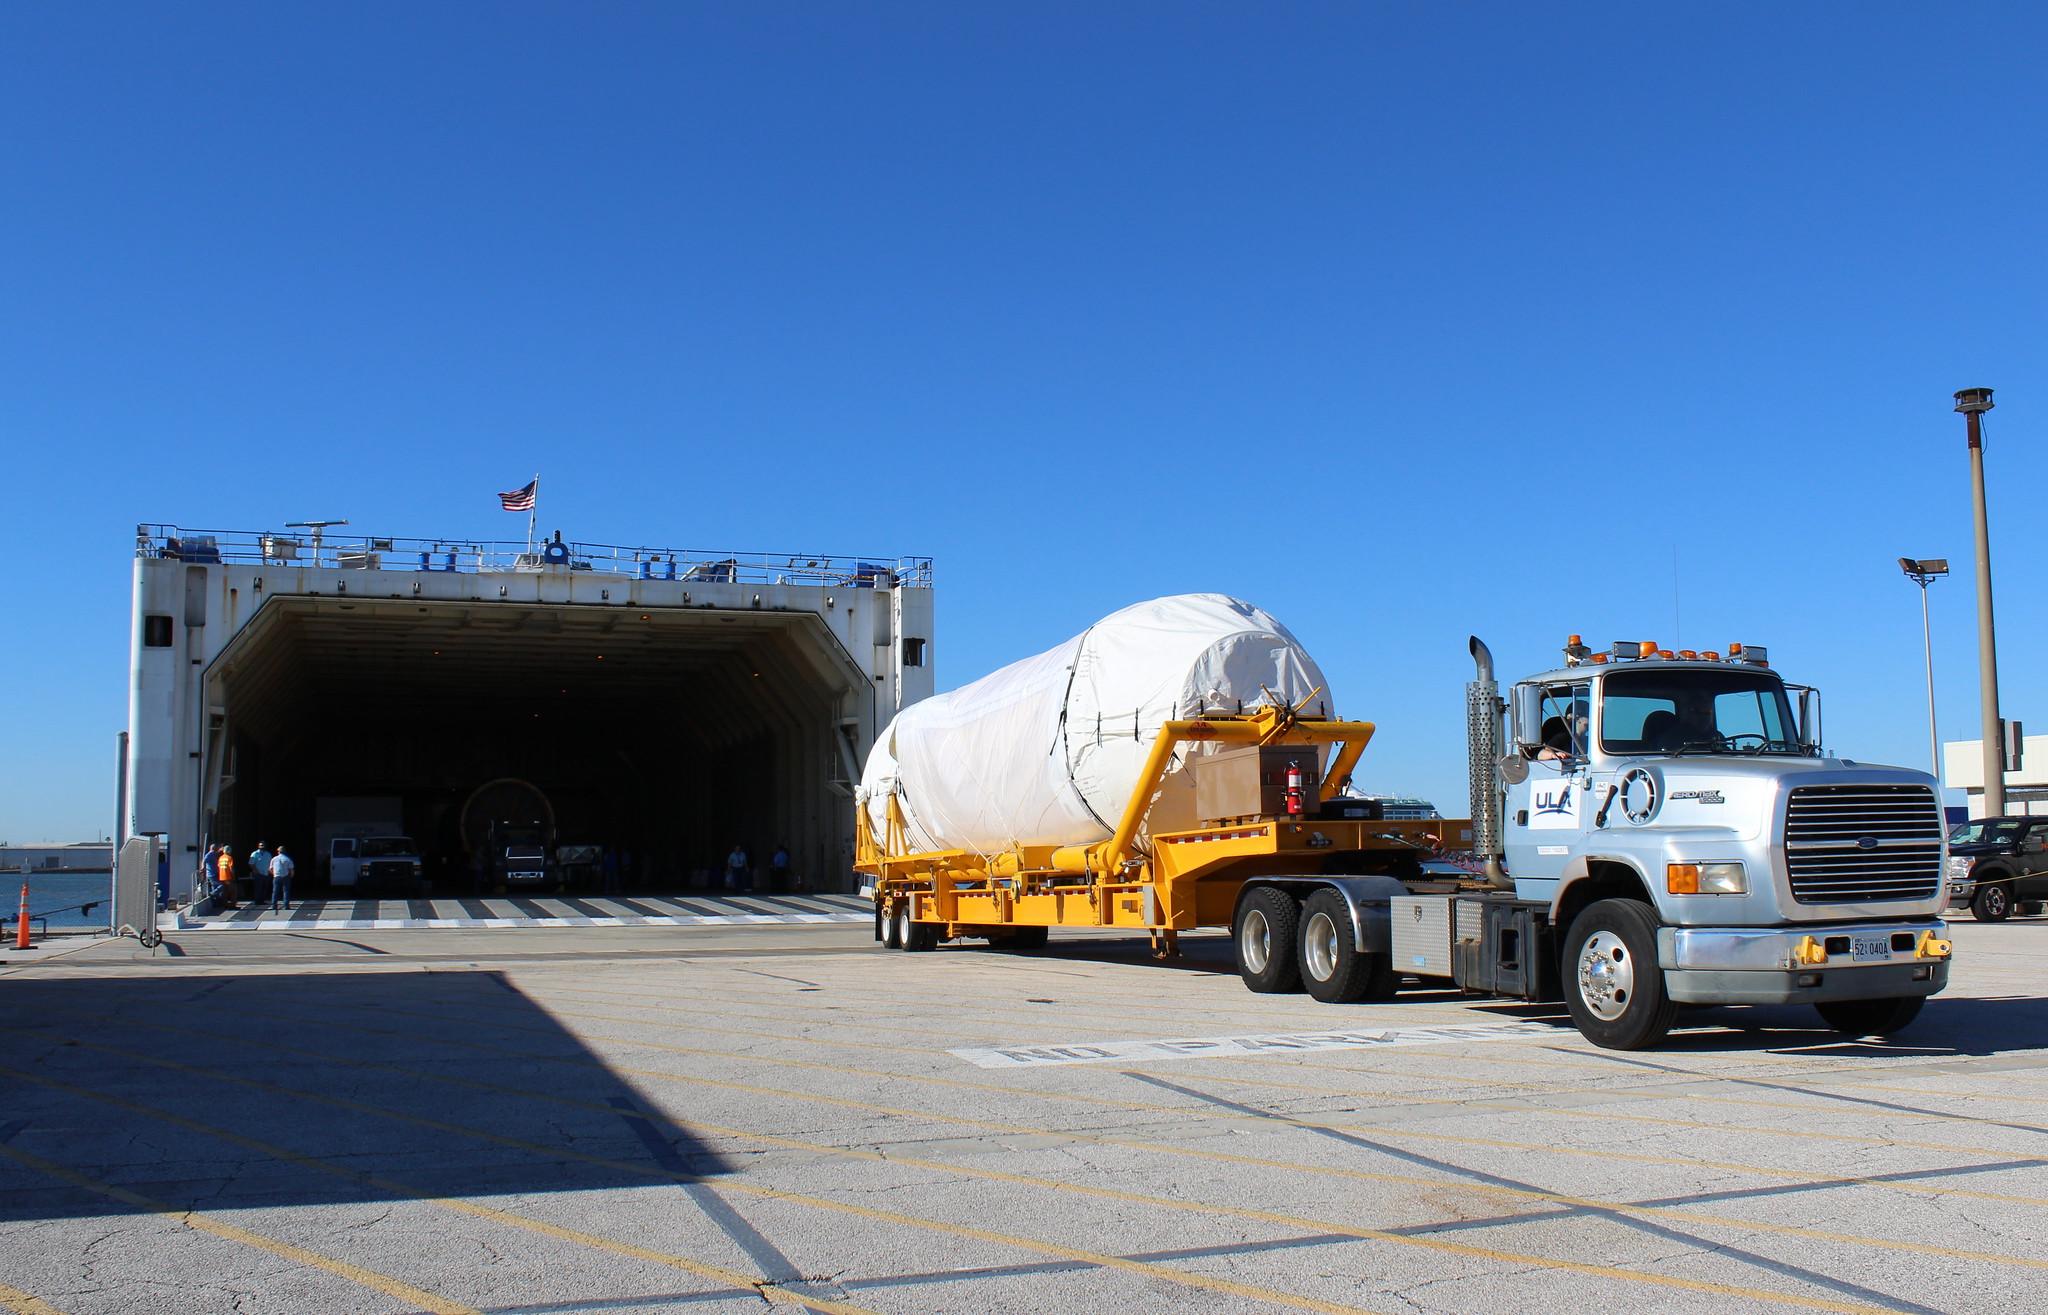 Centaur Offload: Atlas V AEHF-5